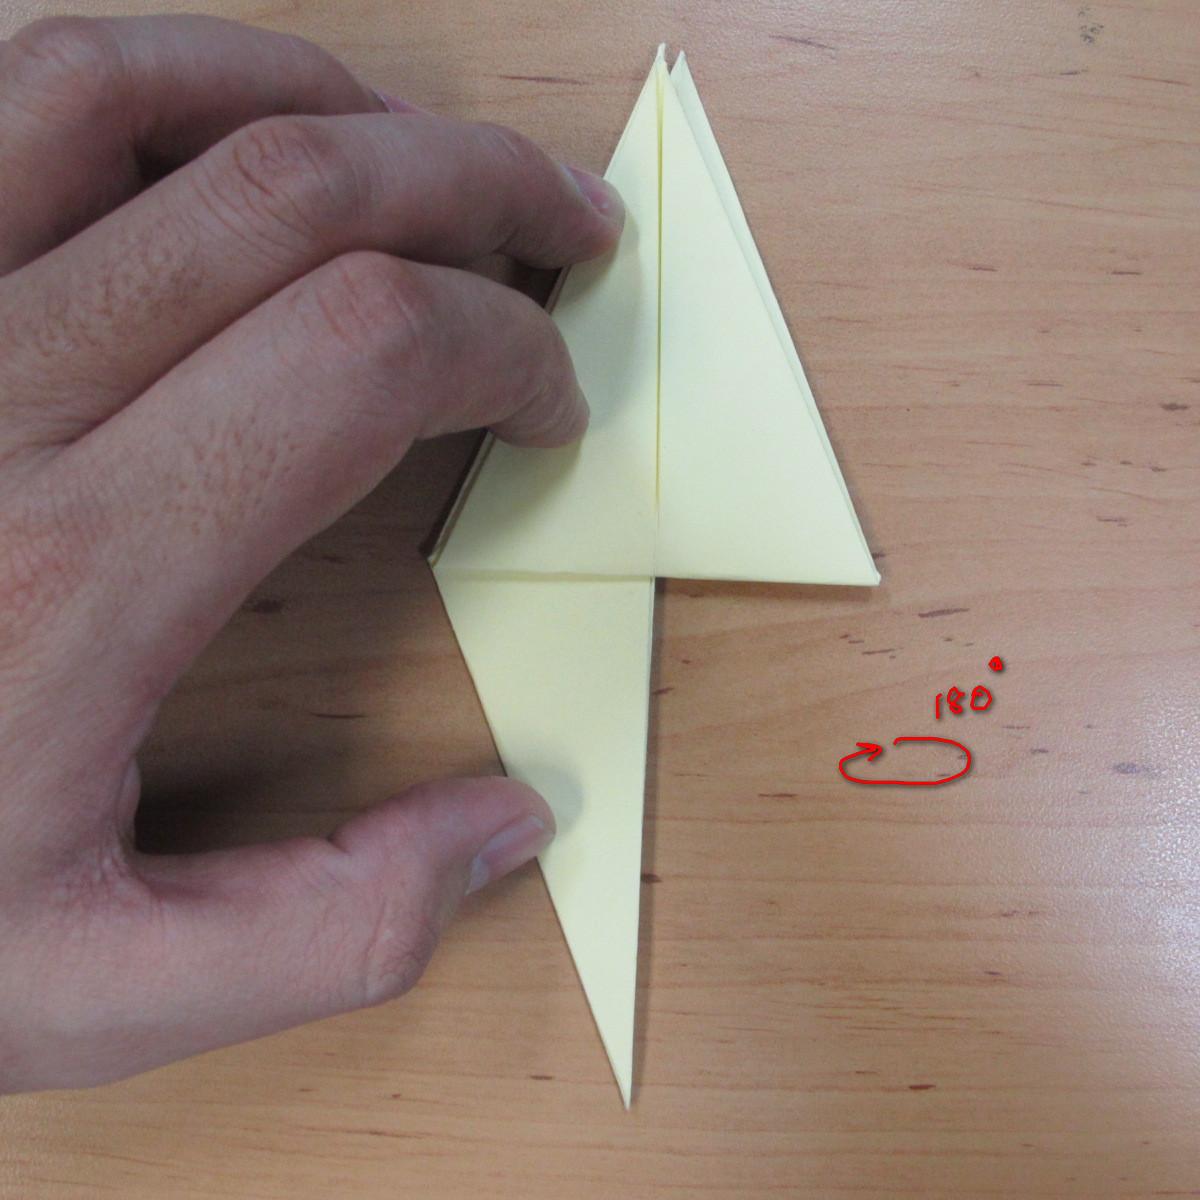 วิธีพับกระดาษเป็นดอกกุหลายแบบเกลียว 015